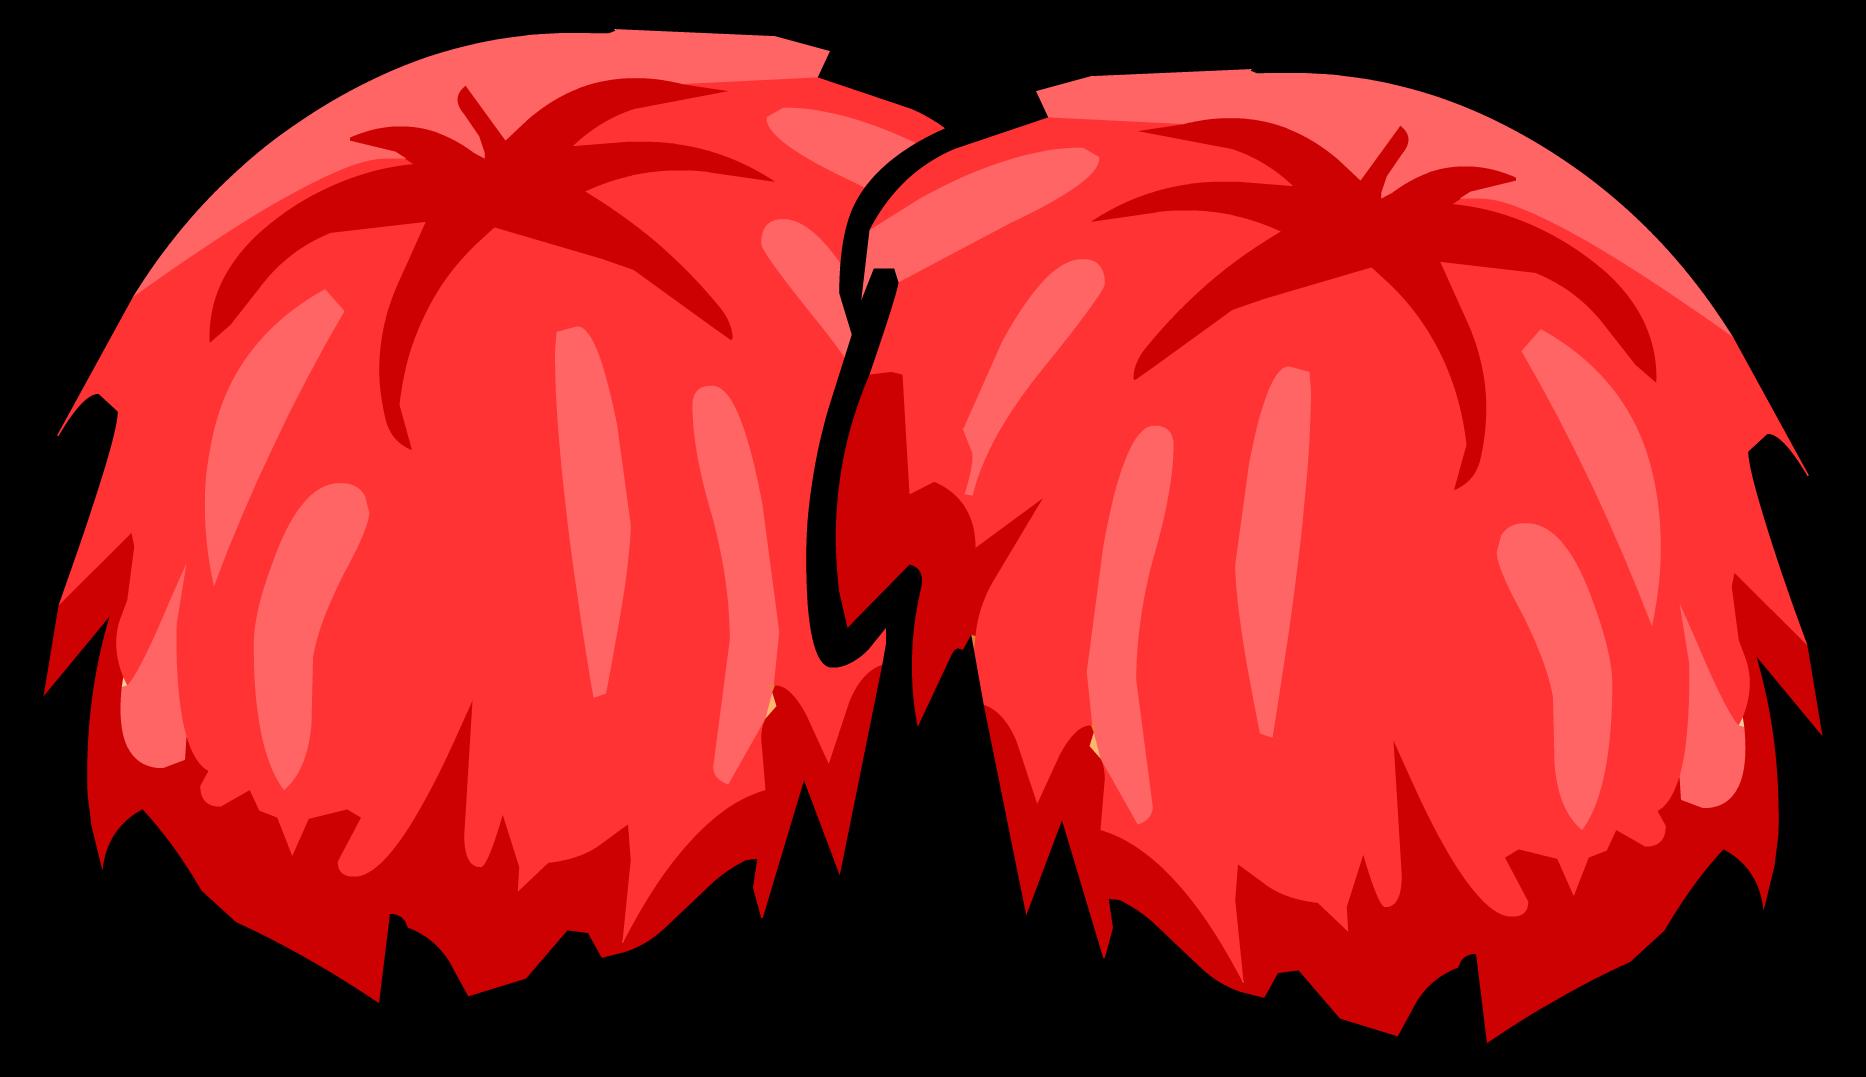 Red Pompoms